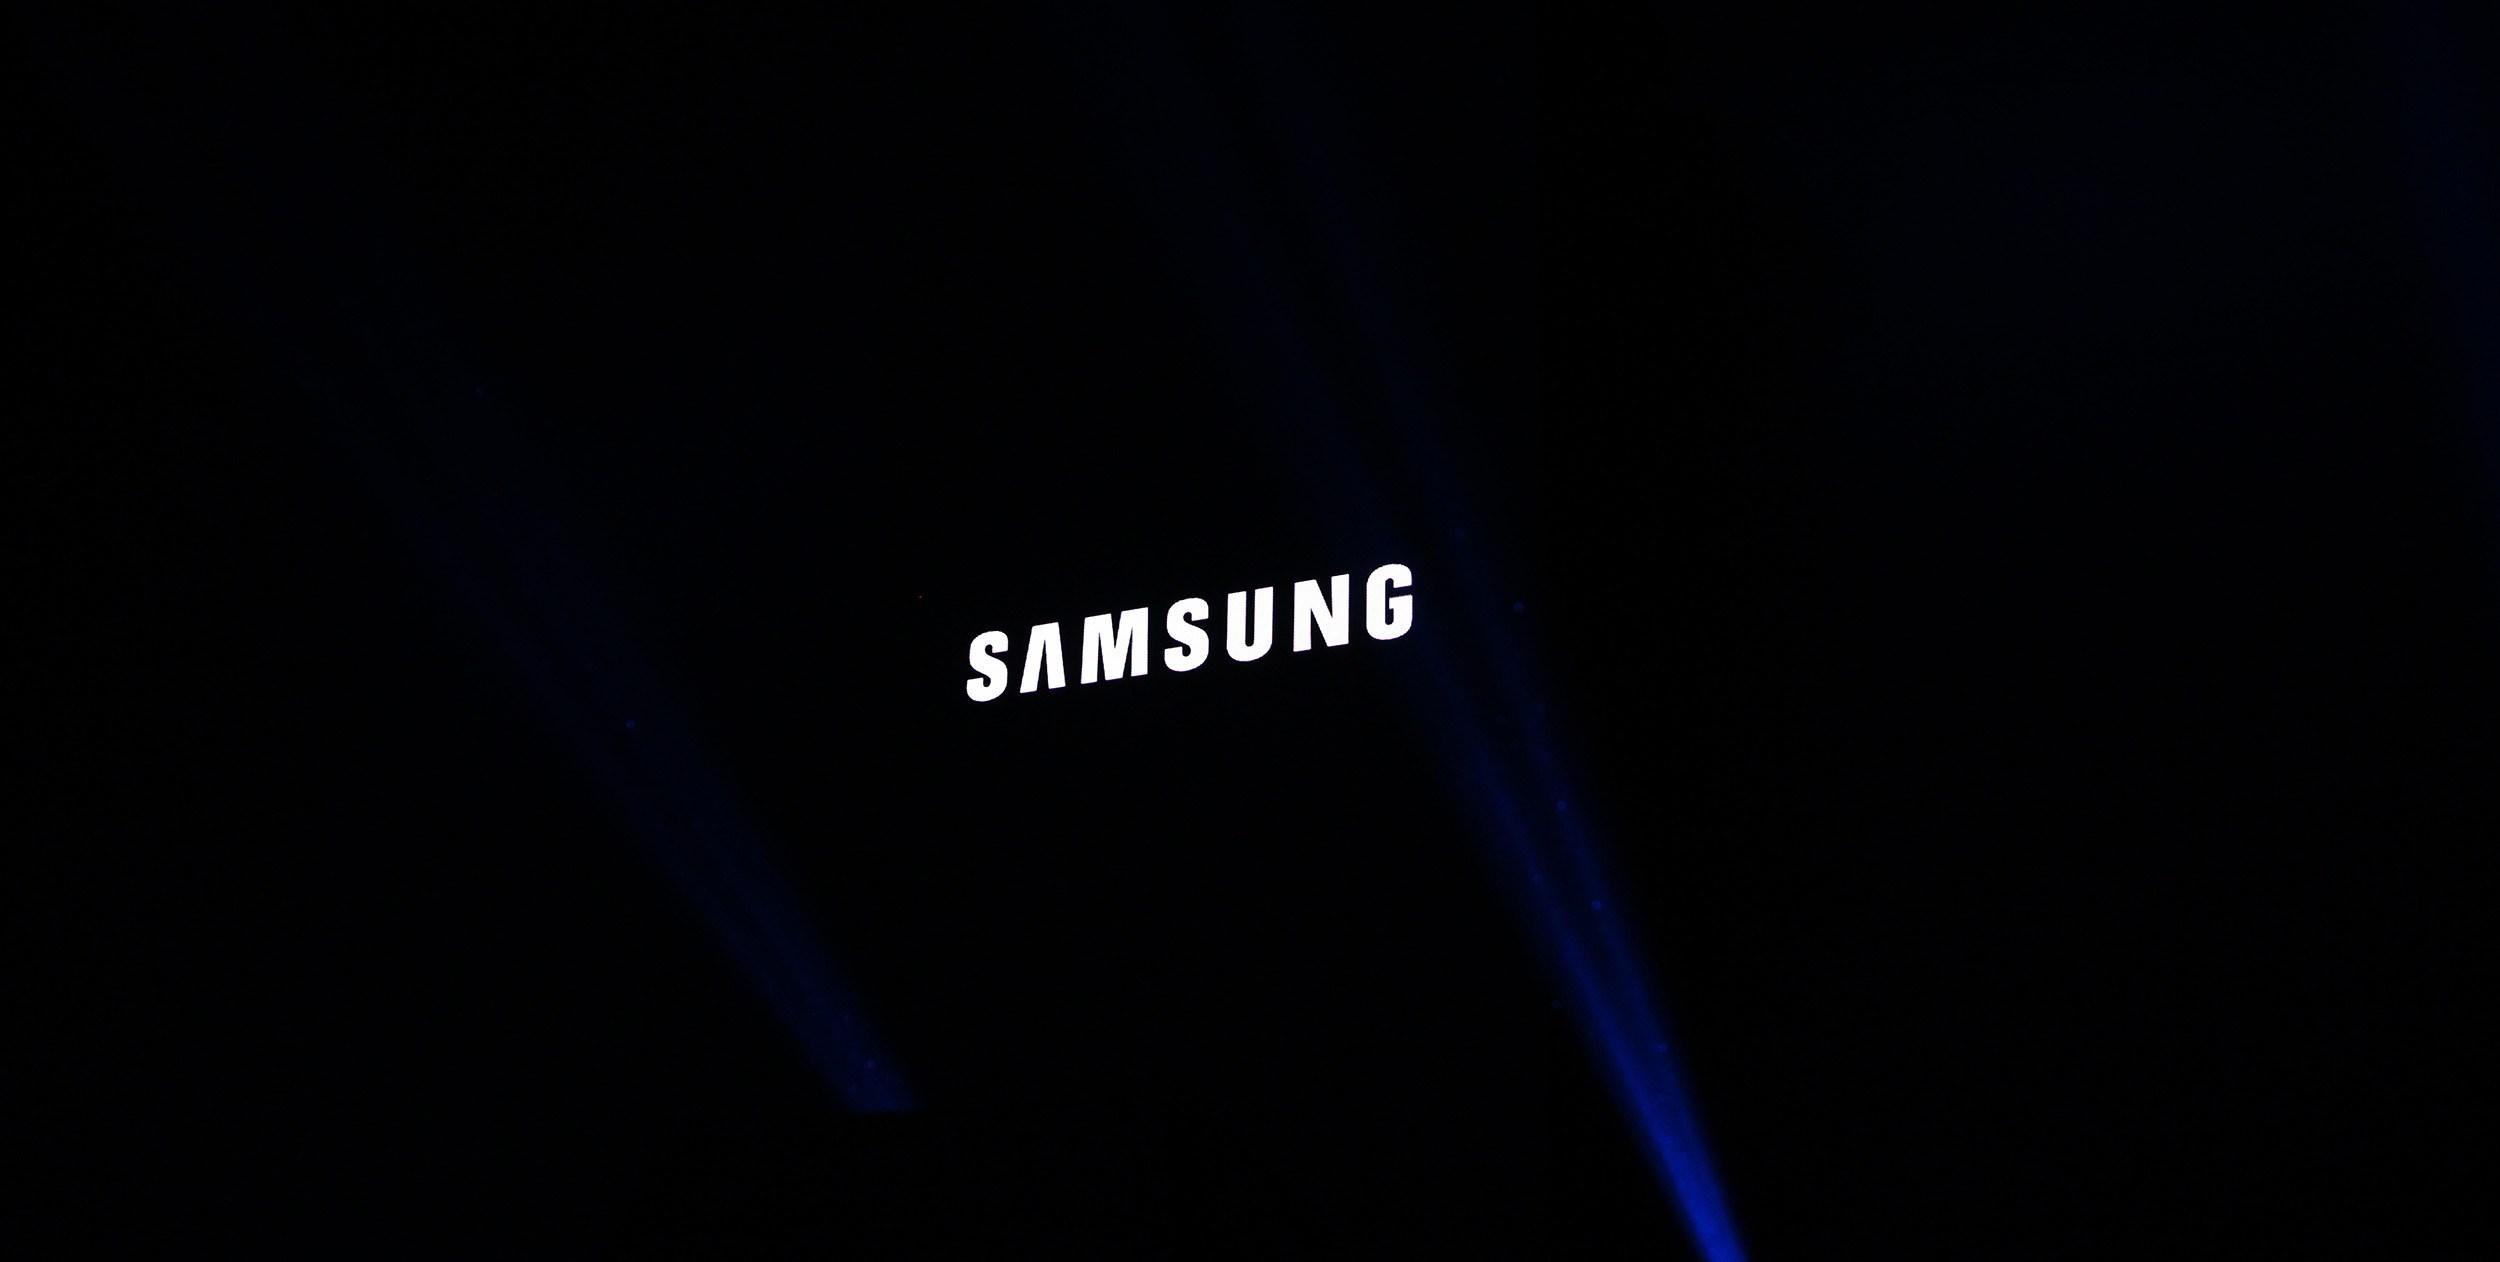 Galaxy S21 sẽ chính thức ra mắt vào 14/01/2021